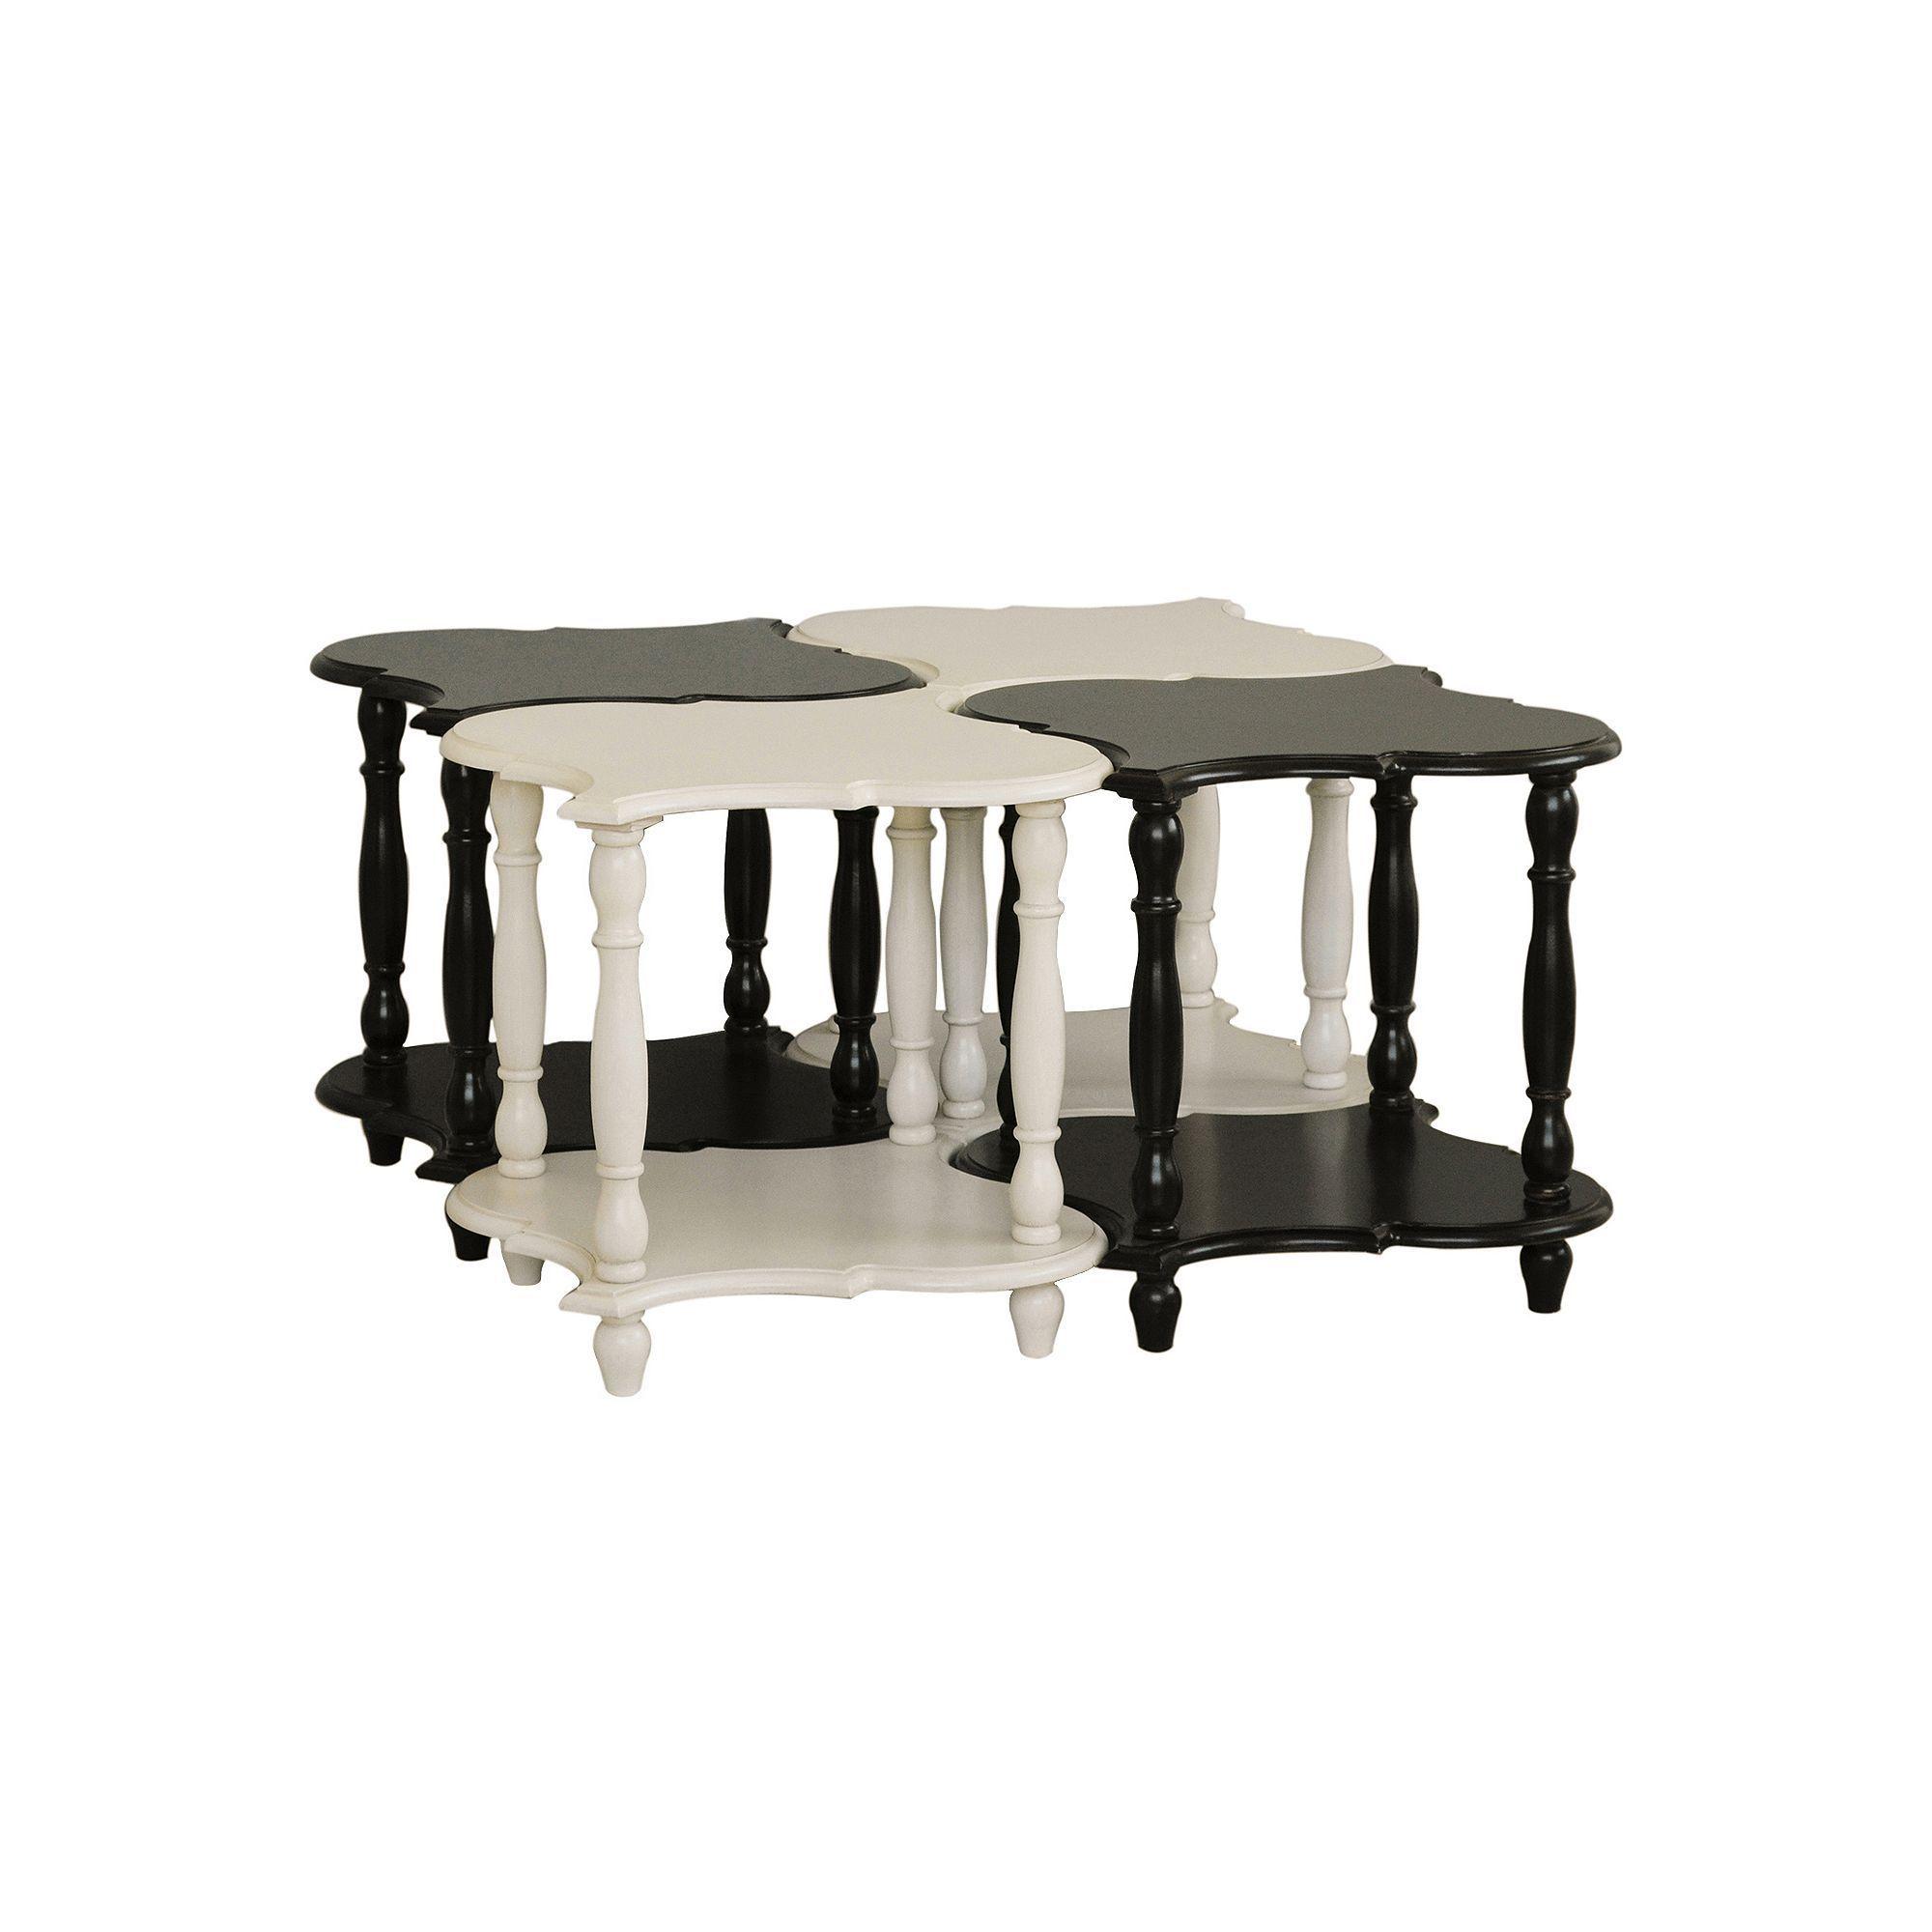 Pulaski Accent End Table 4-piece Set, Multicolor